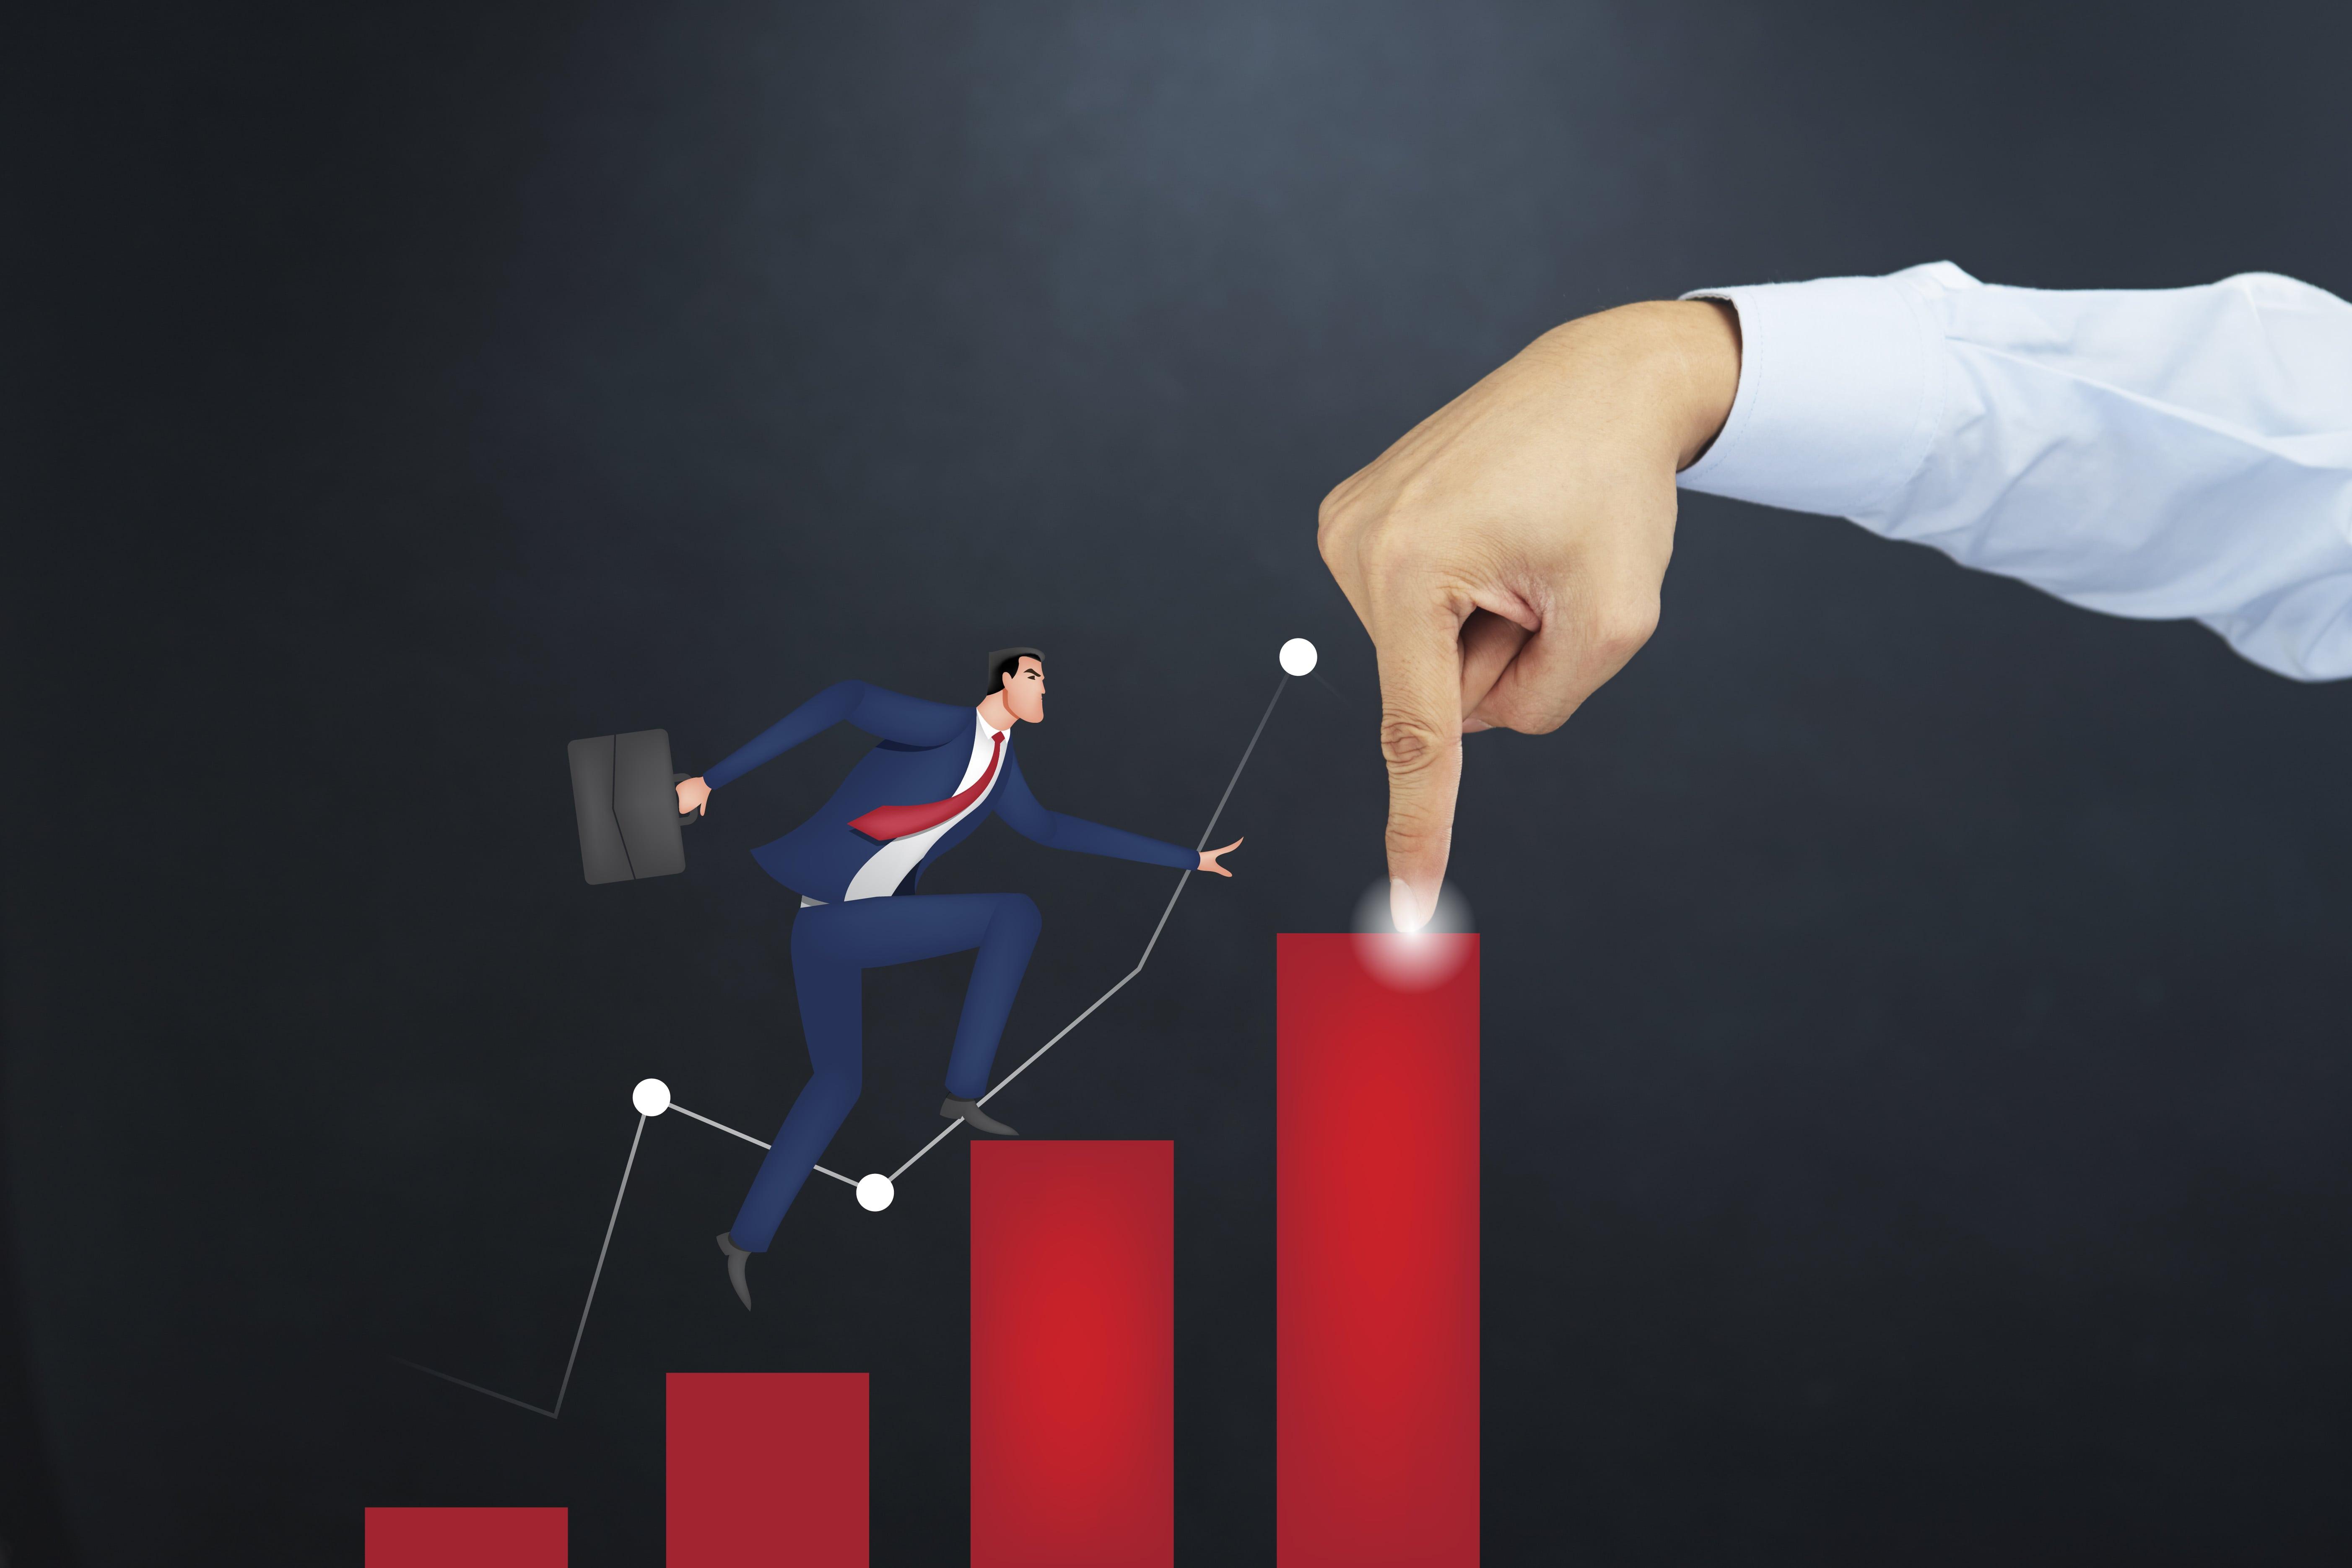 ייעוץ מכירות לארגונים – למה זה חיוני לארגון?